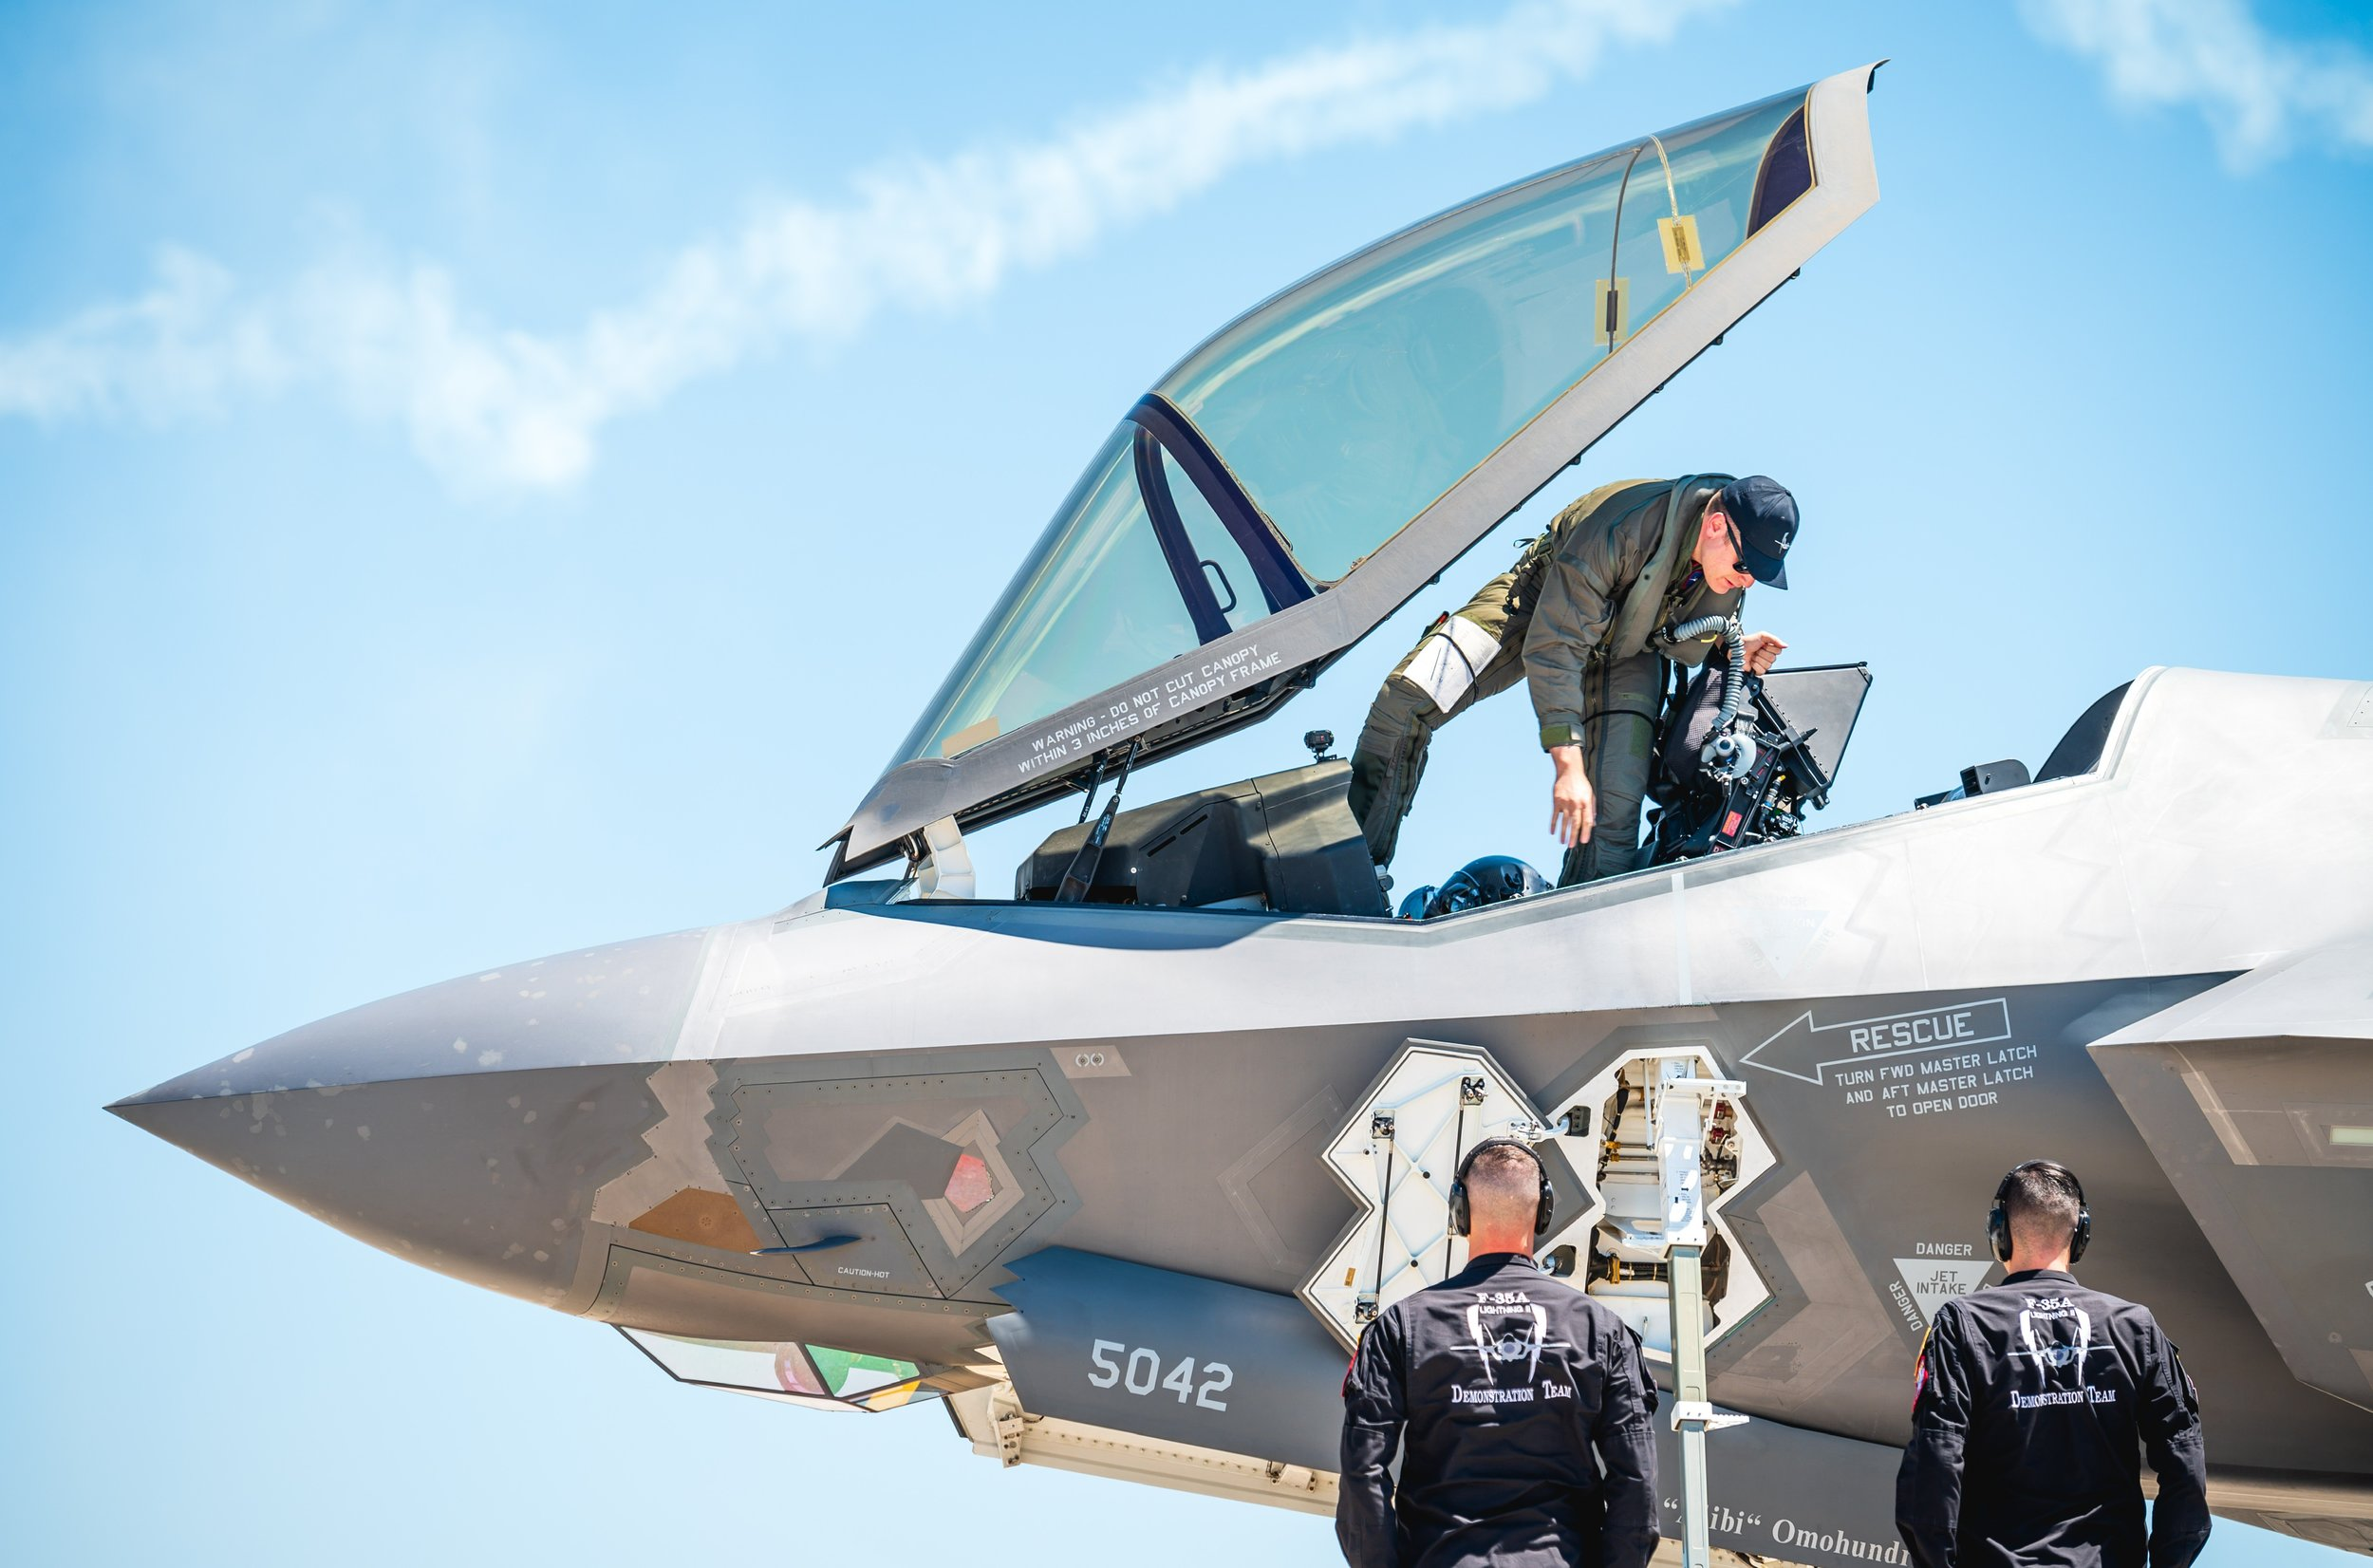 Image Credit - ALEXANDER H. COOK, SrA, USAF